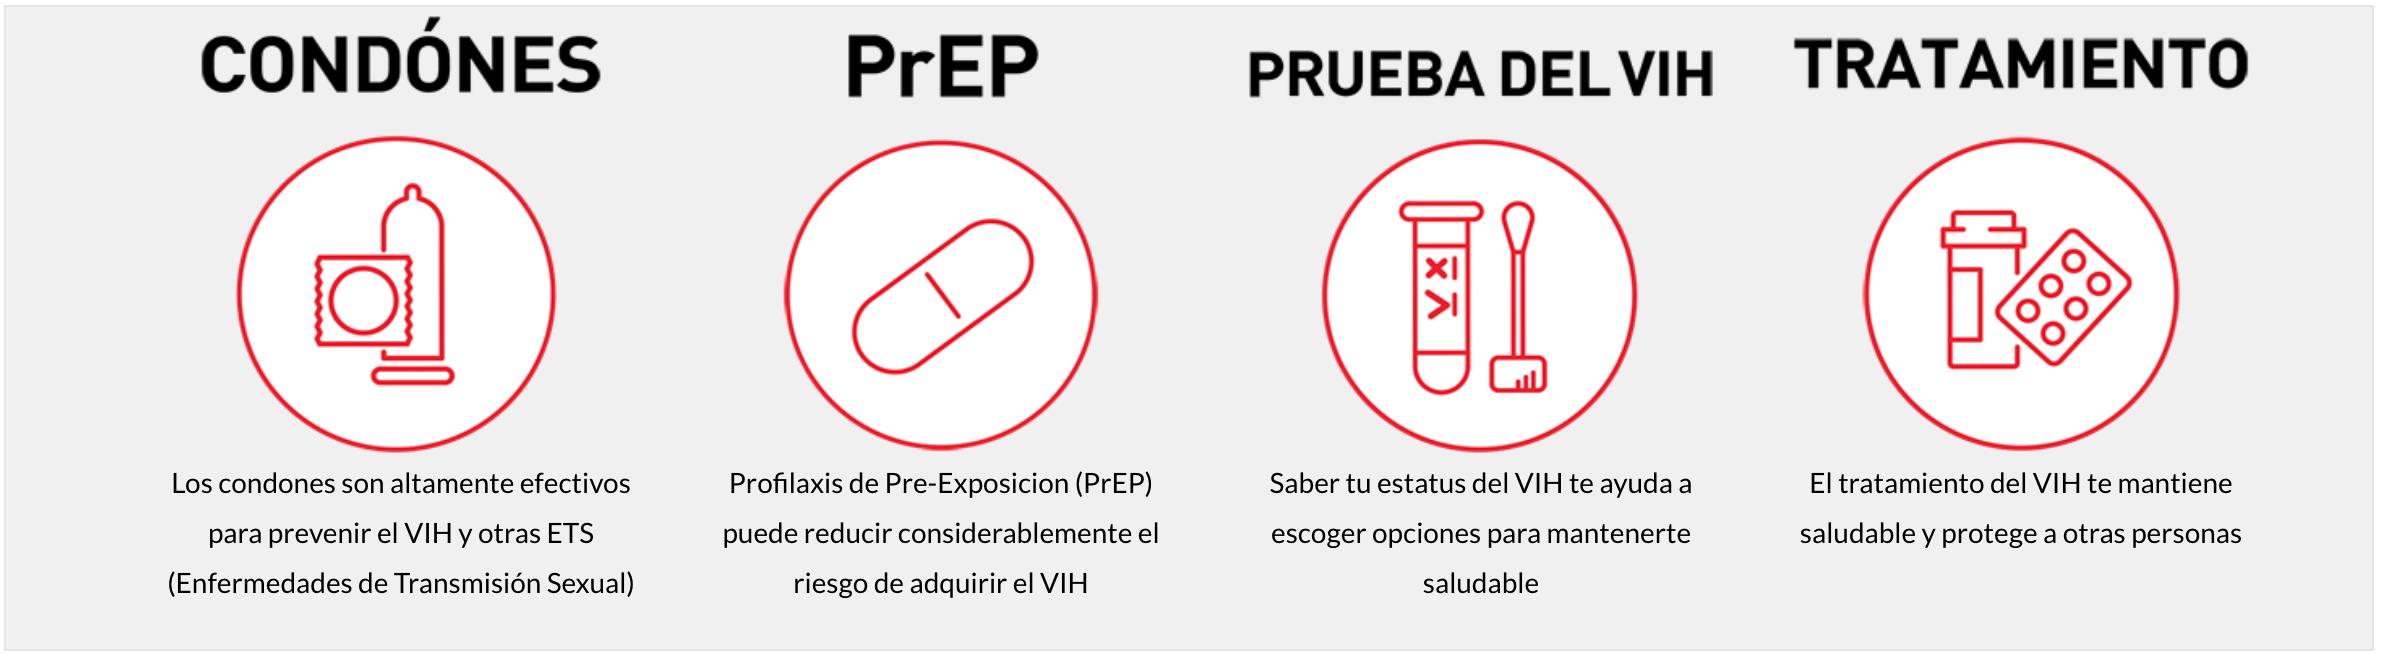 INICIA LA CONVERSACIÓN, VISITANDO LA PÁGINA DEL CDC